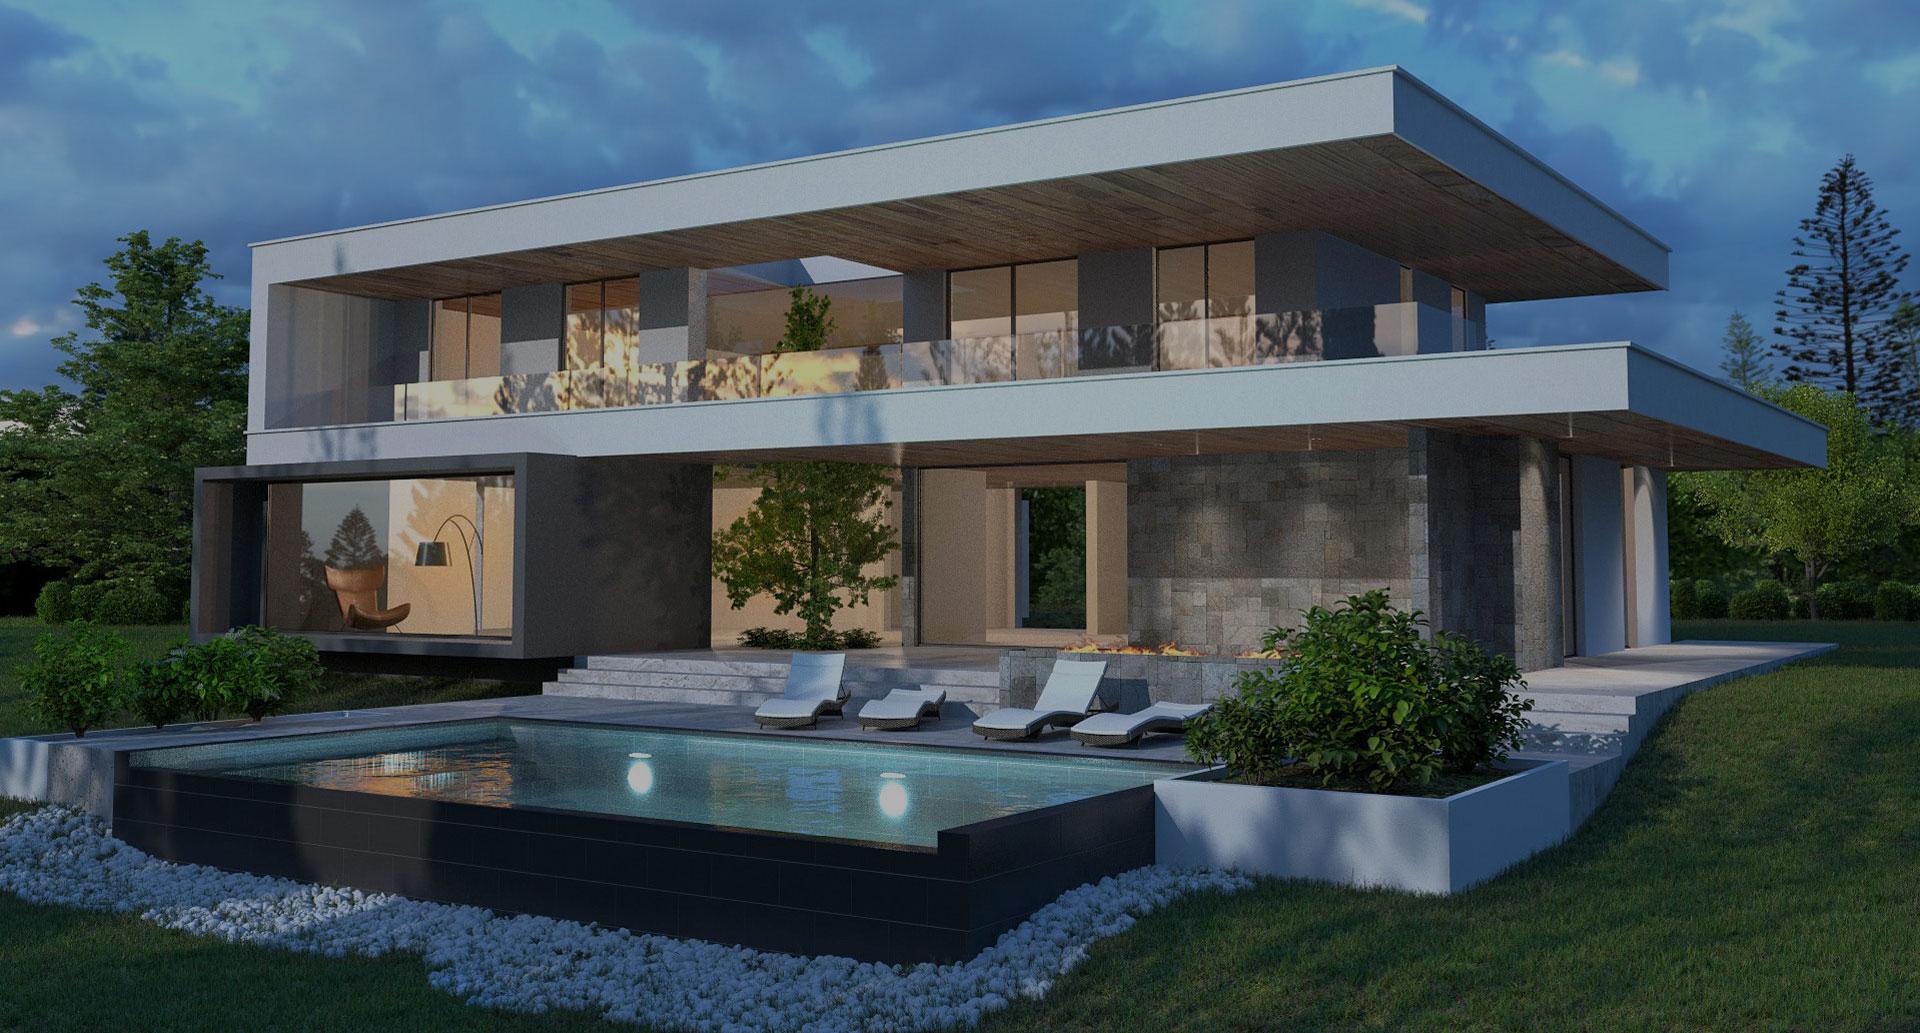 Crisalis - Constructeur maisons en Alsace & Franche-Comté